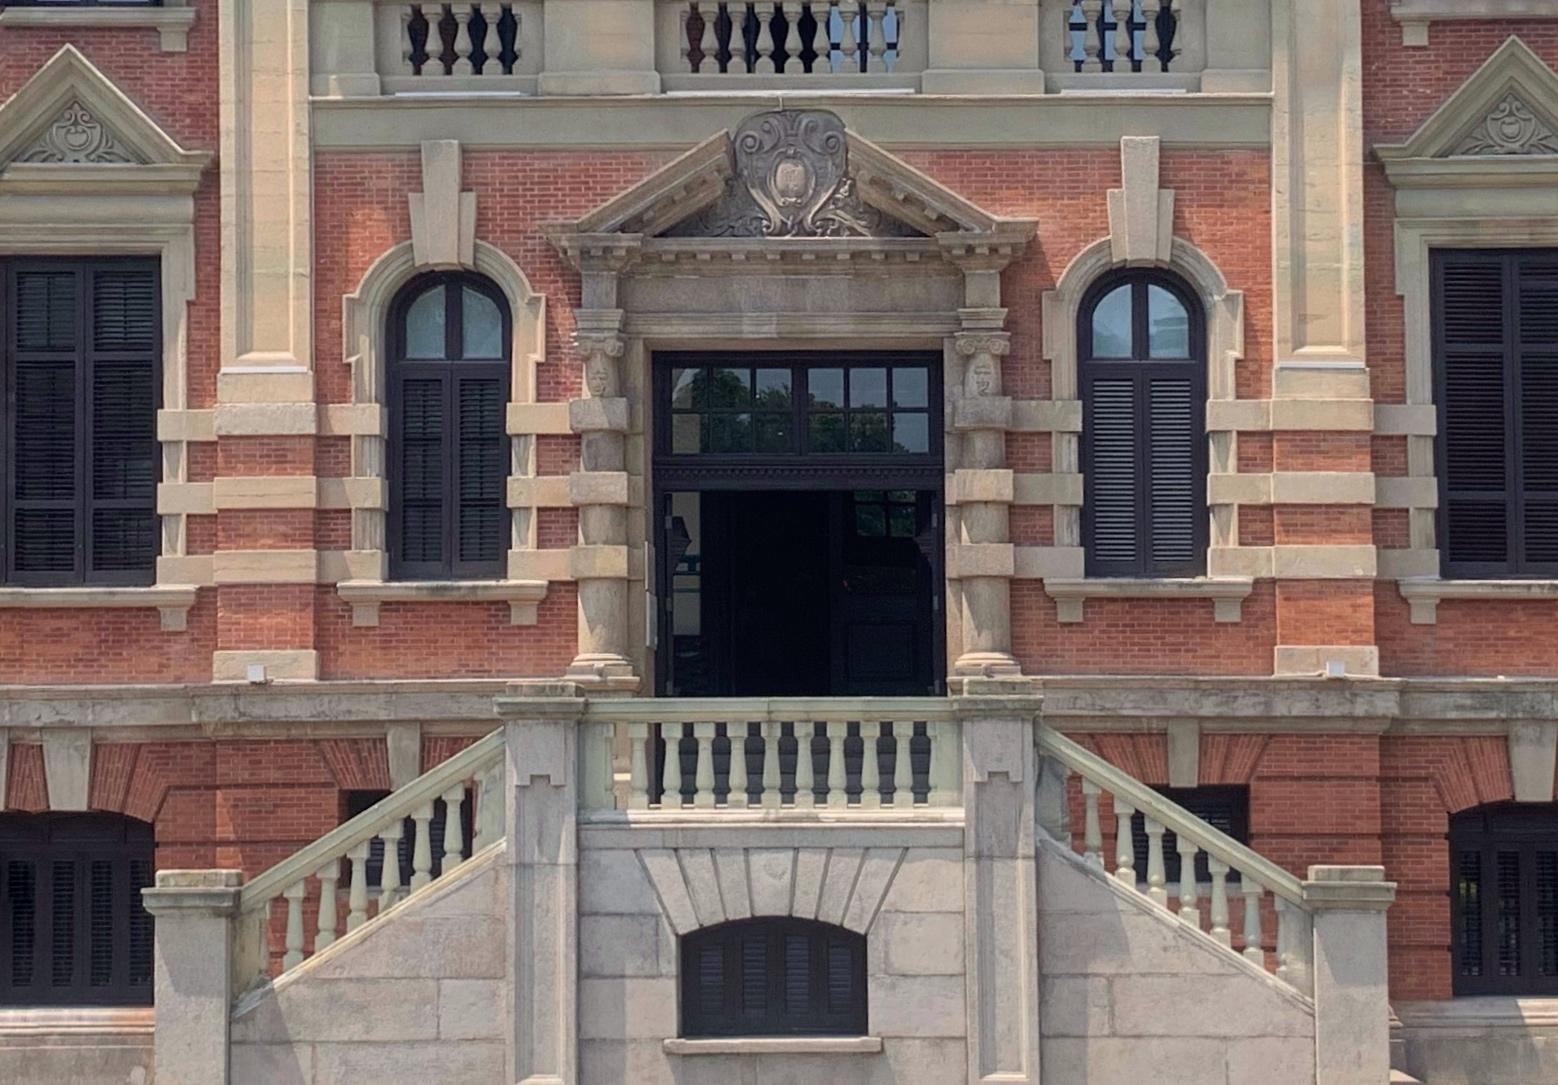 同角度拍摄的大楼正面。石梦洁 图